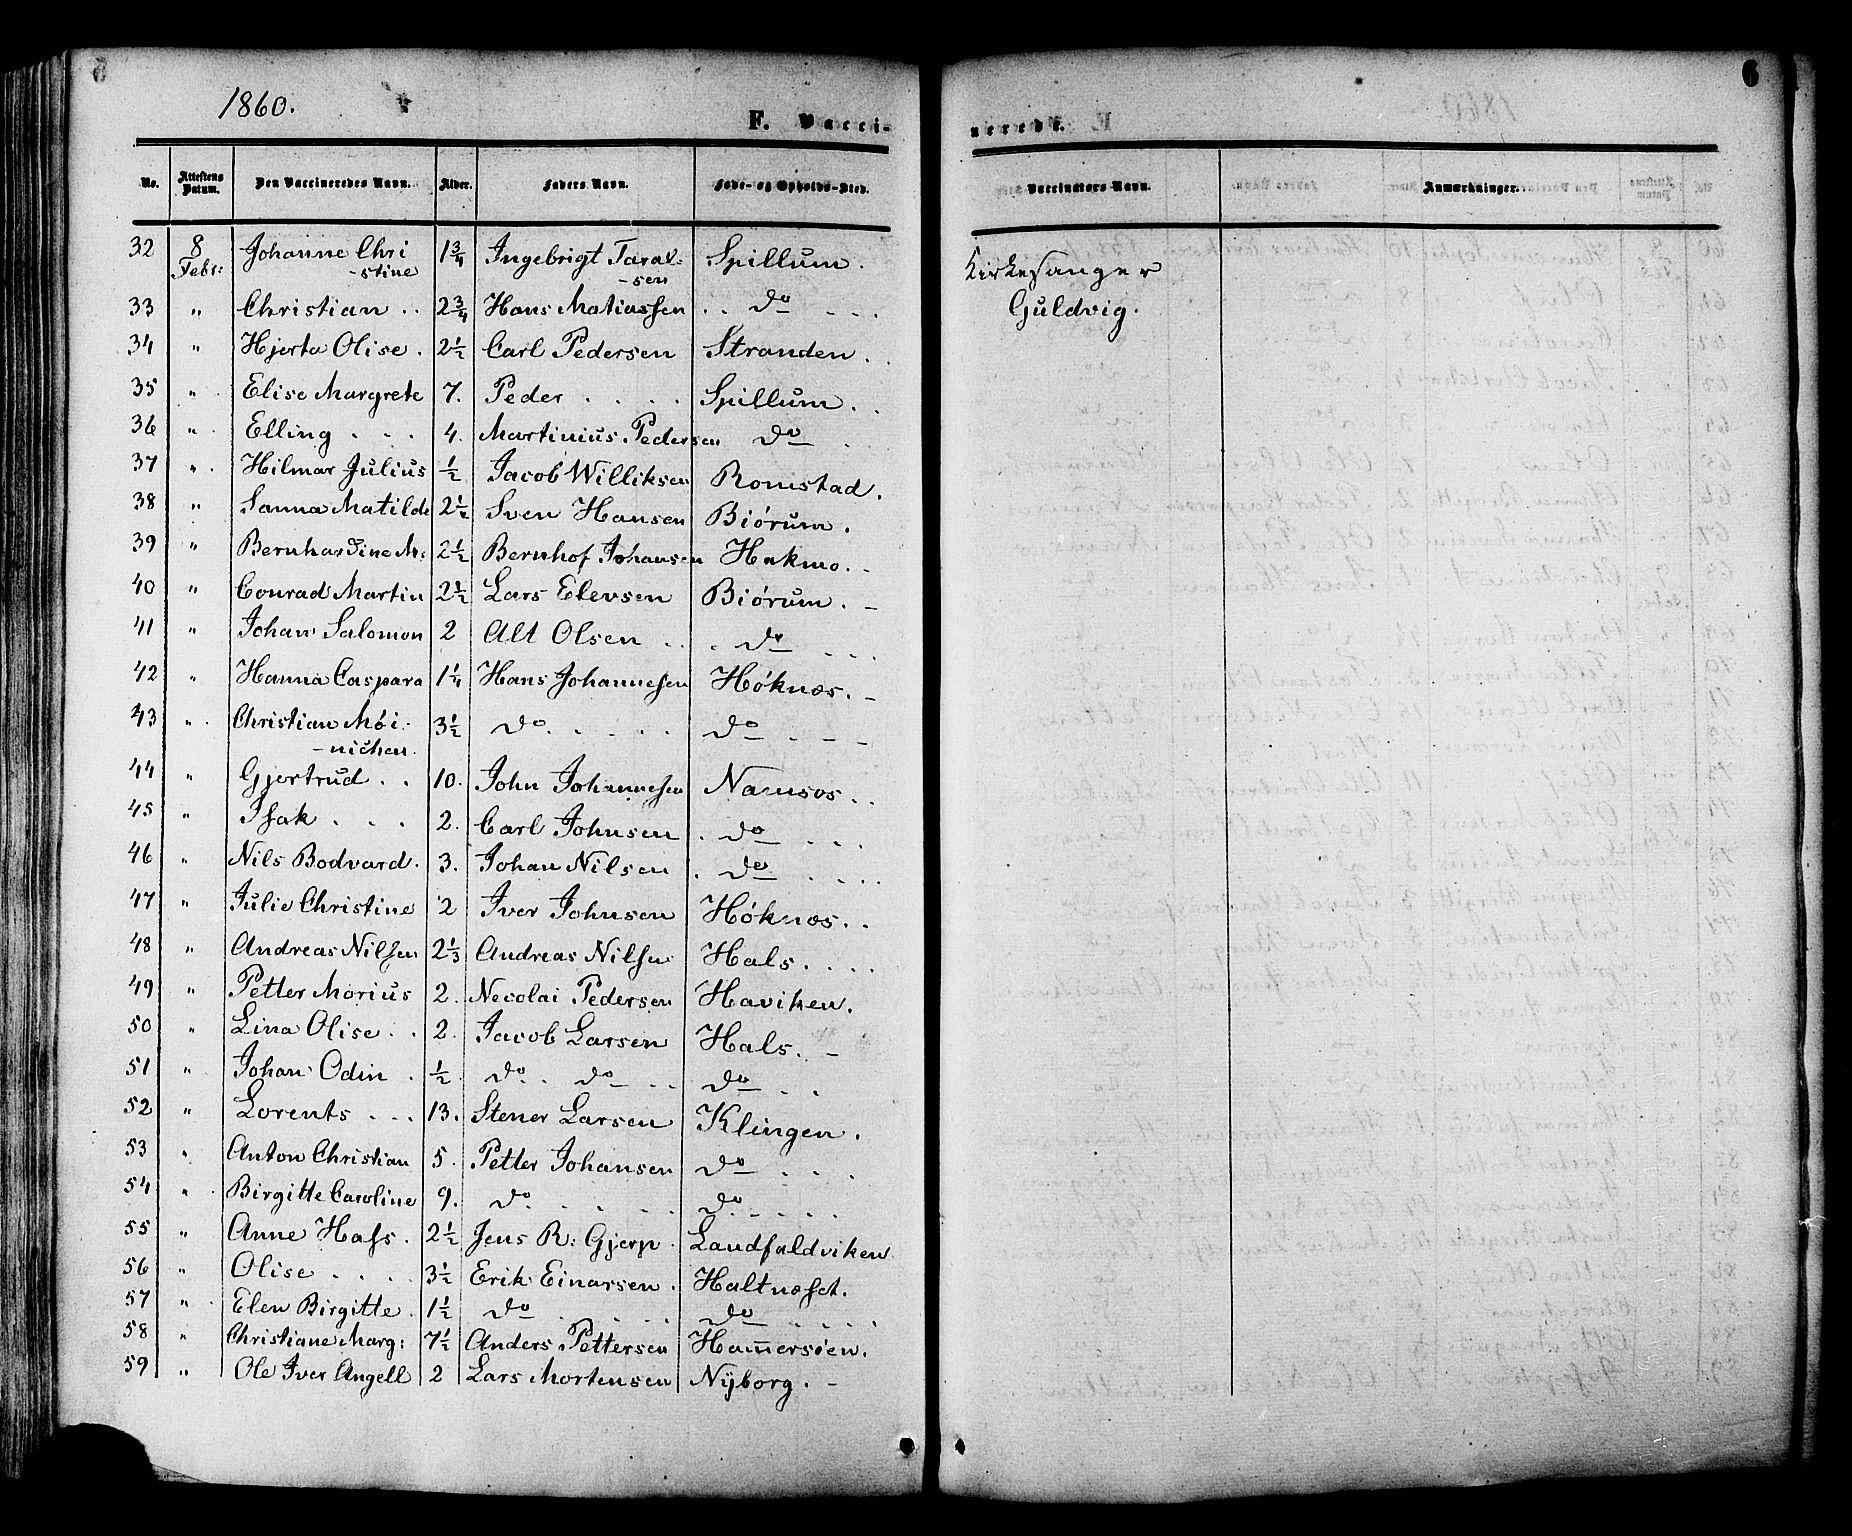 SAT, Ministerialprotokoller, klokkerbøker og fødselsregistre - Nord-Trøndelag, 764/L0553: Ministerialbok nr. 764A08, 1858-1880, s. 6